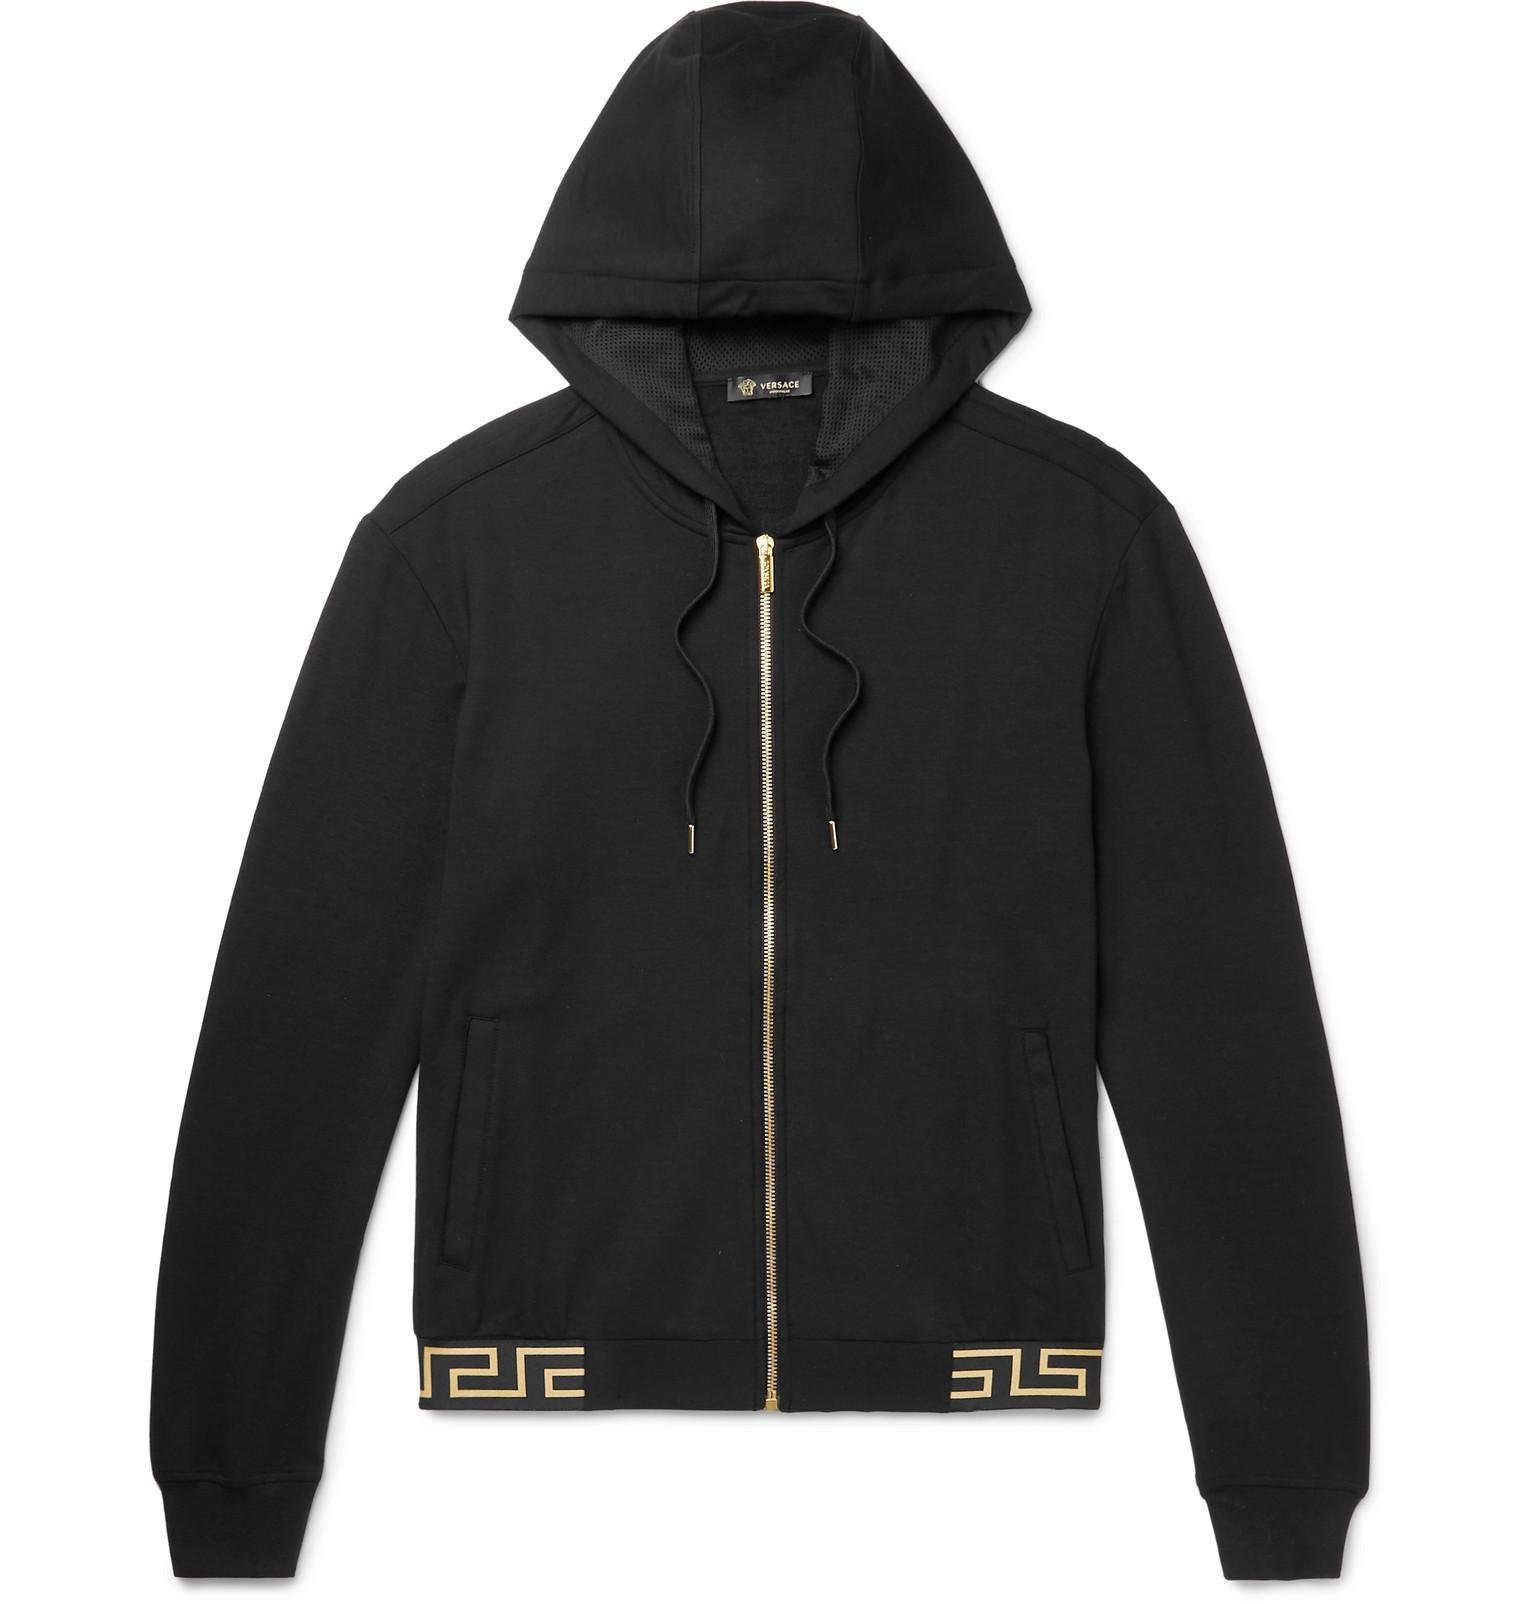 2f58cb4e875e Lyst - Versace Logo-jacquard Stretch-modal Zip-up Hoodie in Black ...